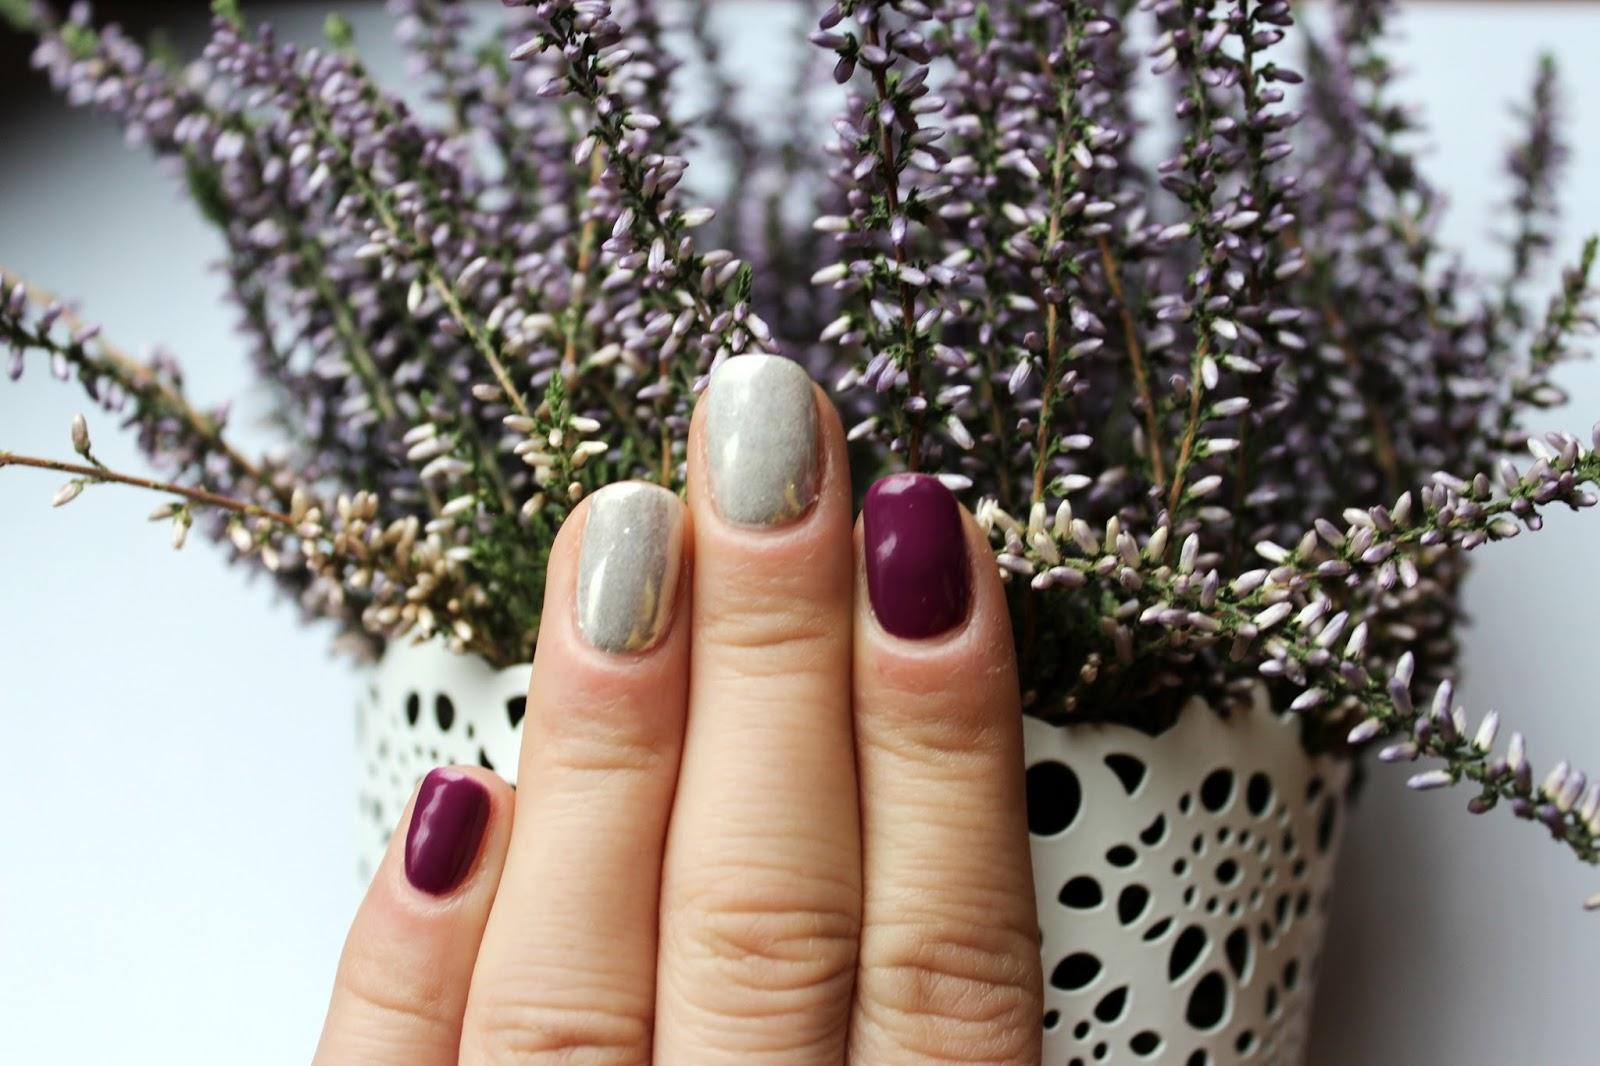 Xolczaa Propozycja Na Jesienny Manicure Hybrydowy